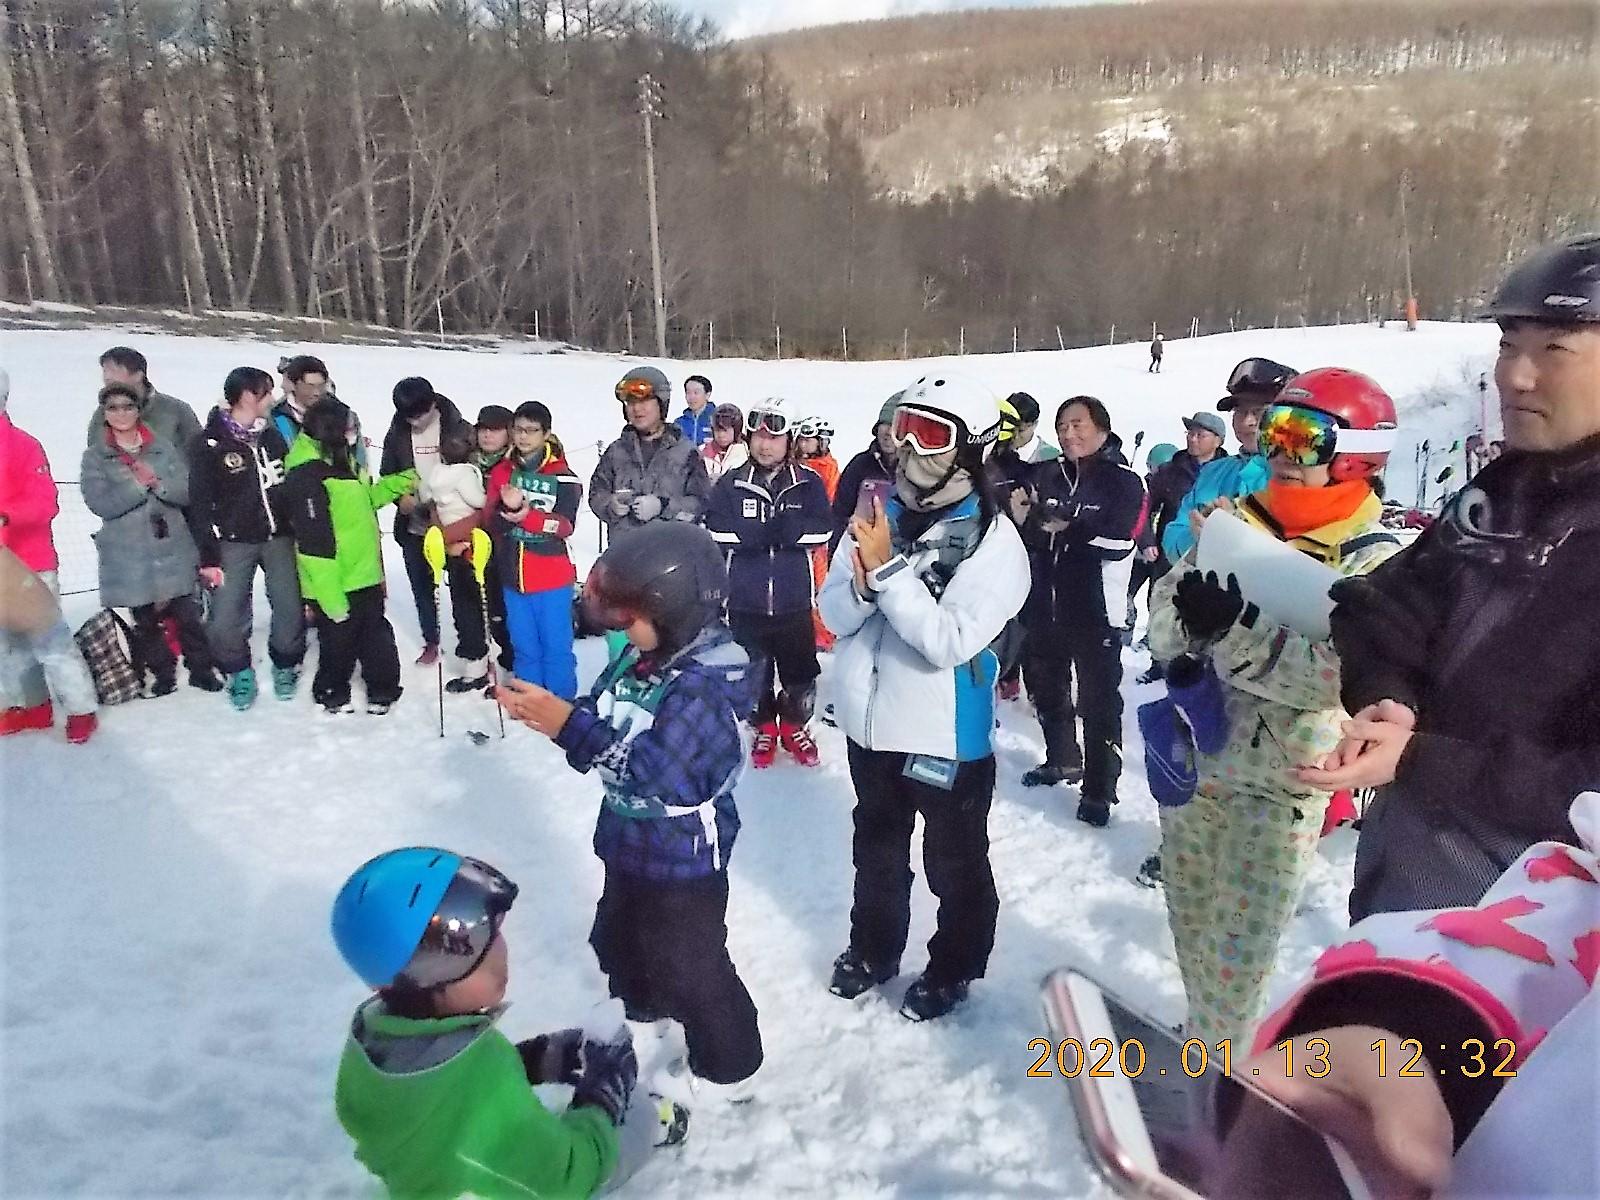 20.1.11-13 令和2年港区民スキー大会16